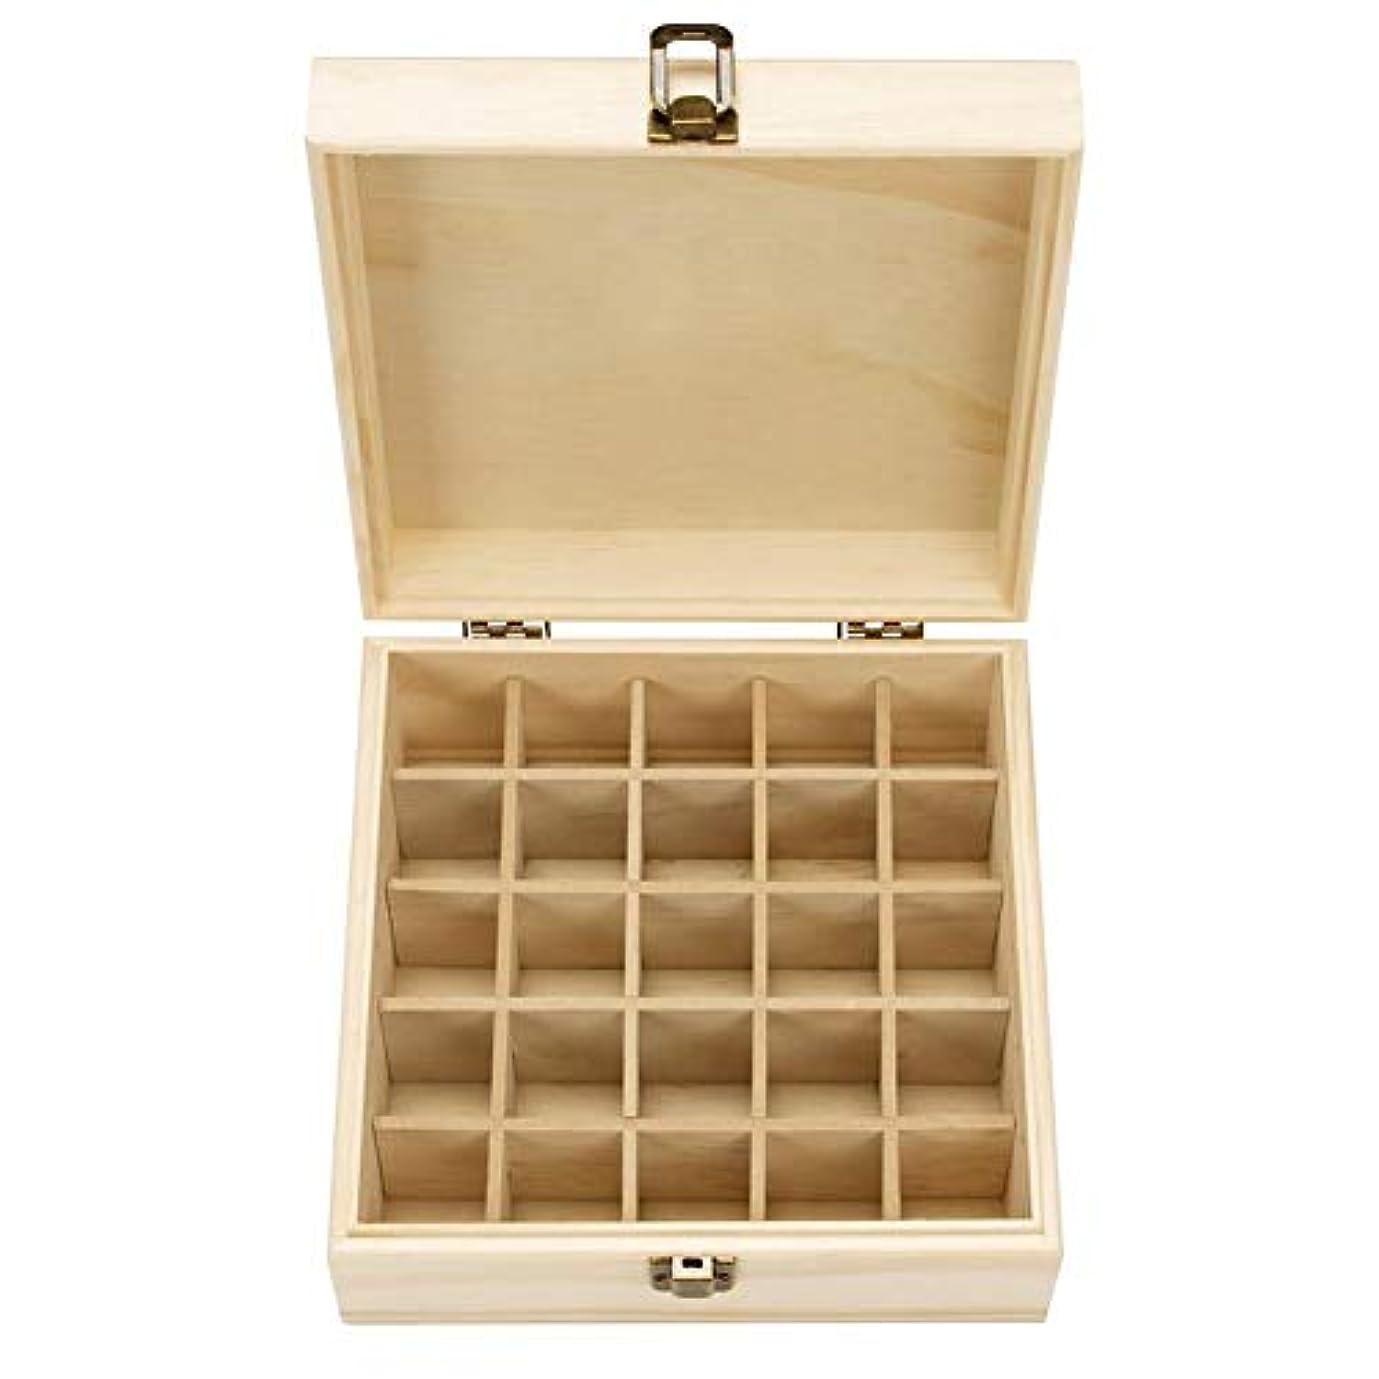 土砂降り連合ユーモラスエッセンシャルオイル収納ボックス 耐久性 自然木製 収納 ボックス 香水収納ケース 25本用 18.3x18.3x8.3cm